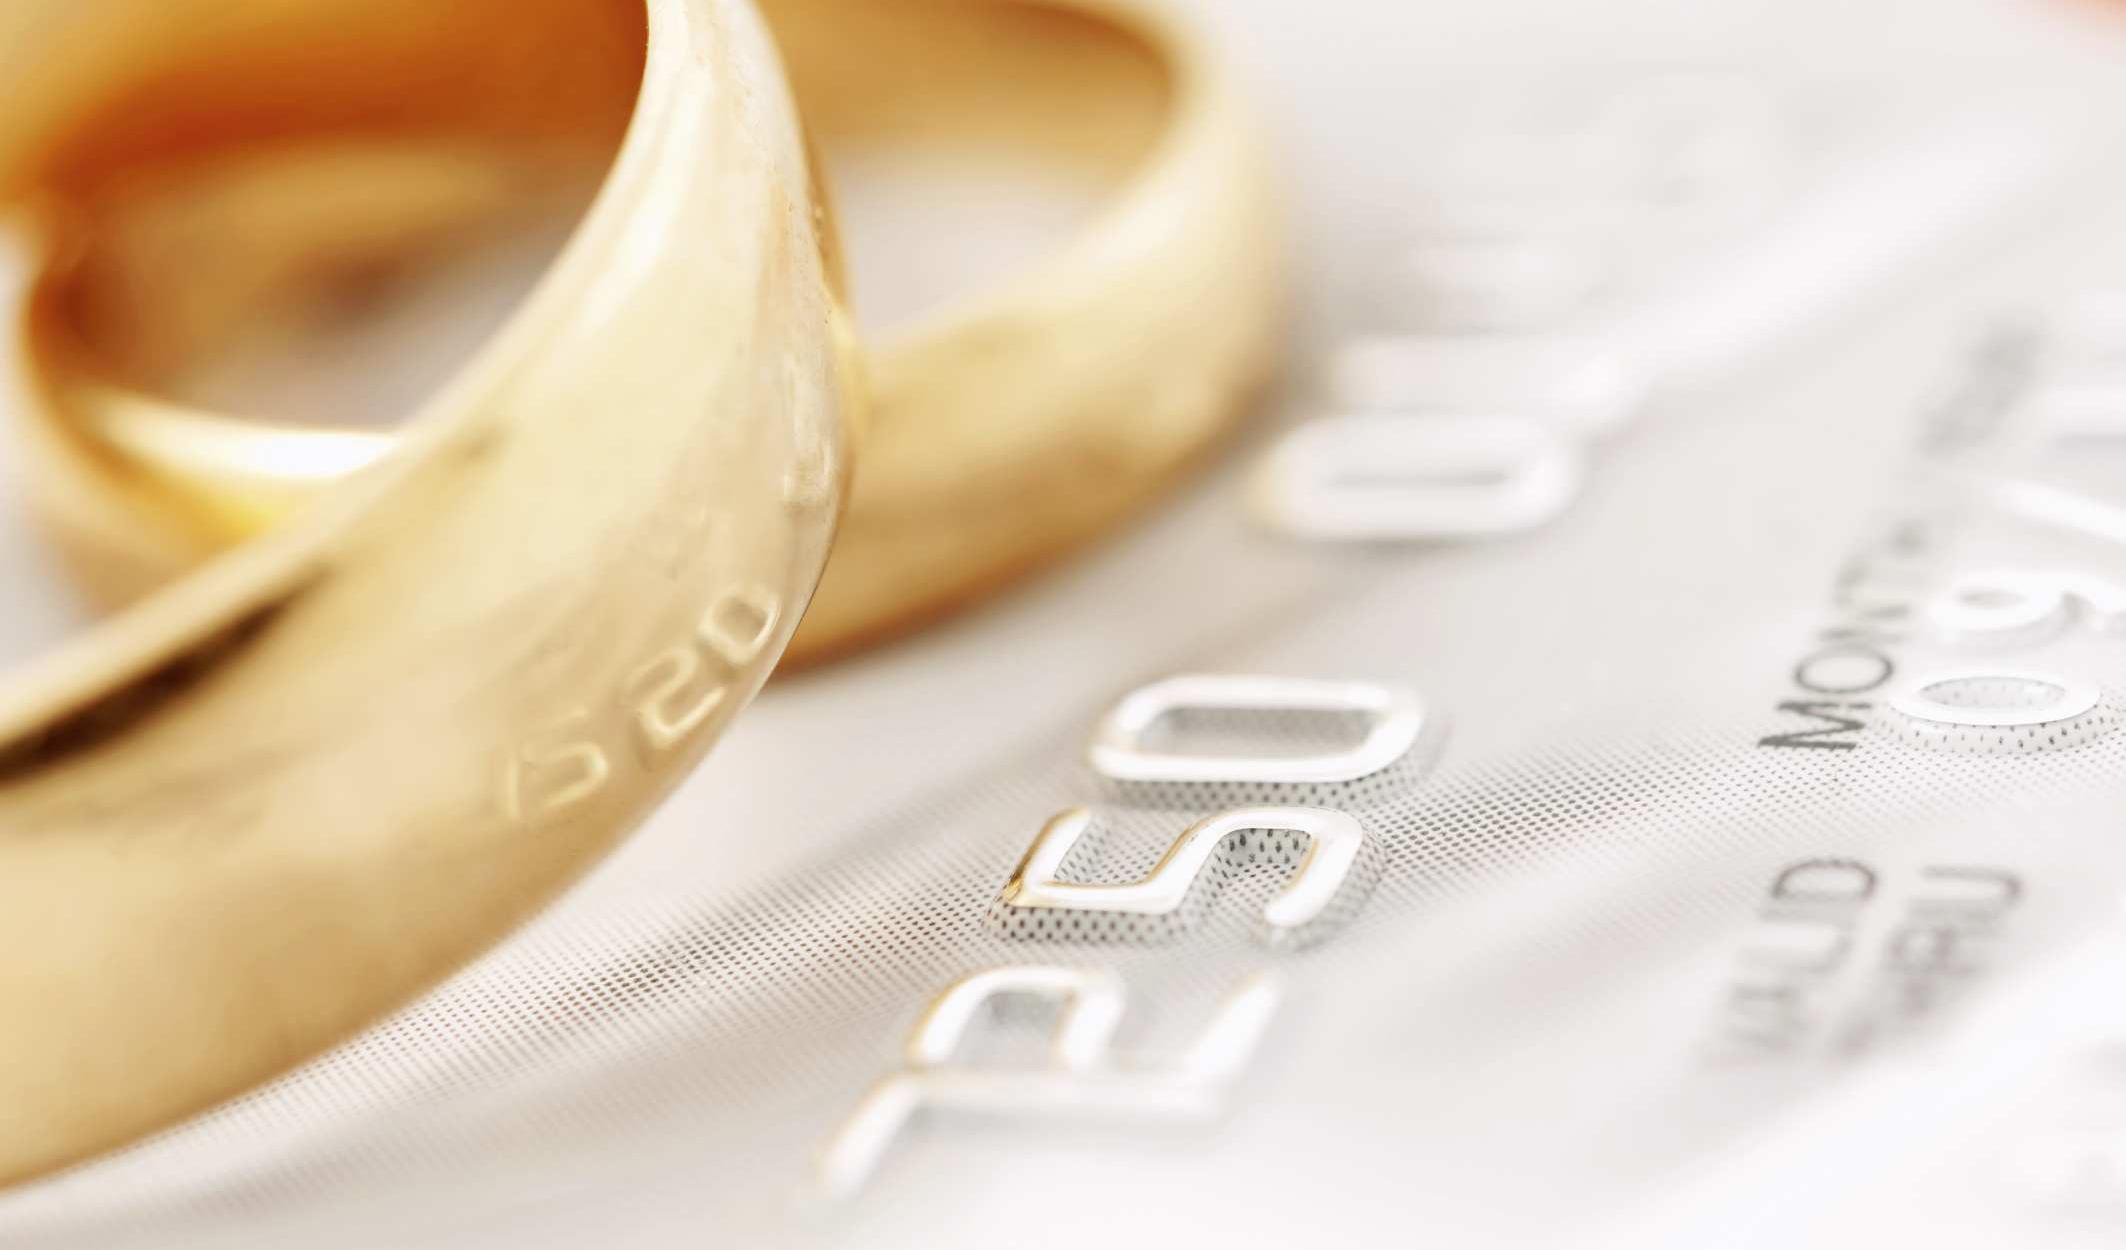 جزییات دریافت وام صد میلیون تومانی قرض الحسنه ازدواج اعلام شد